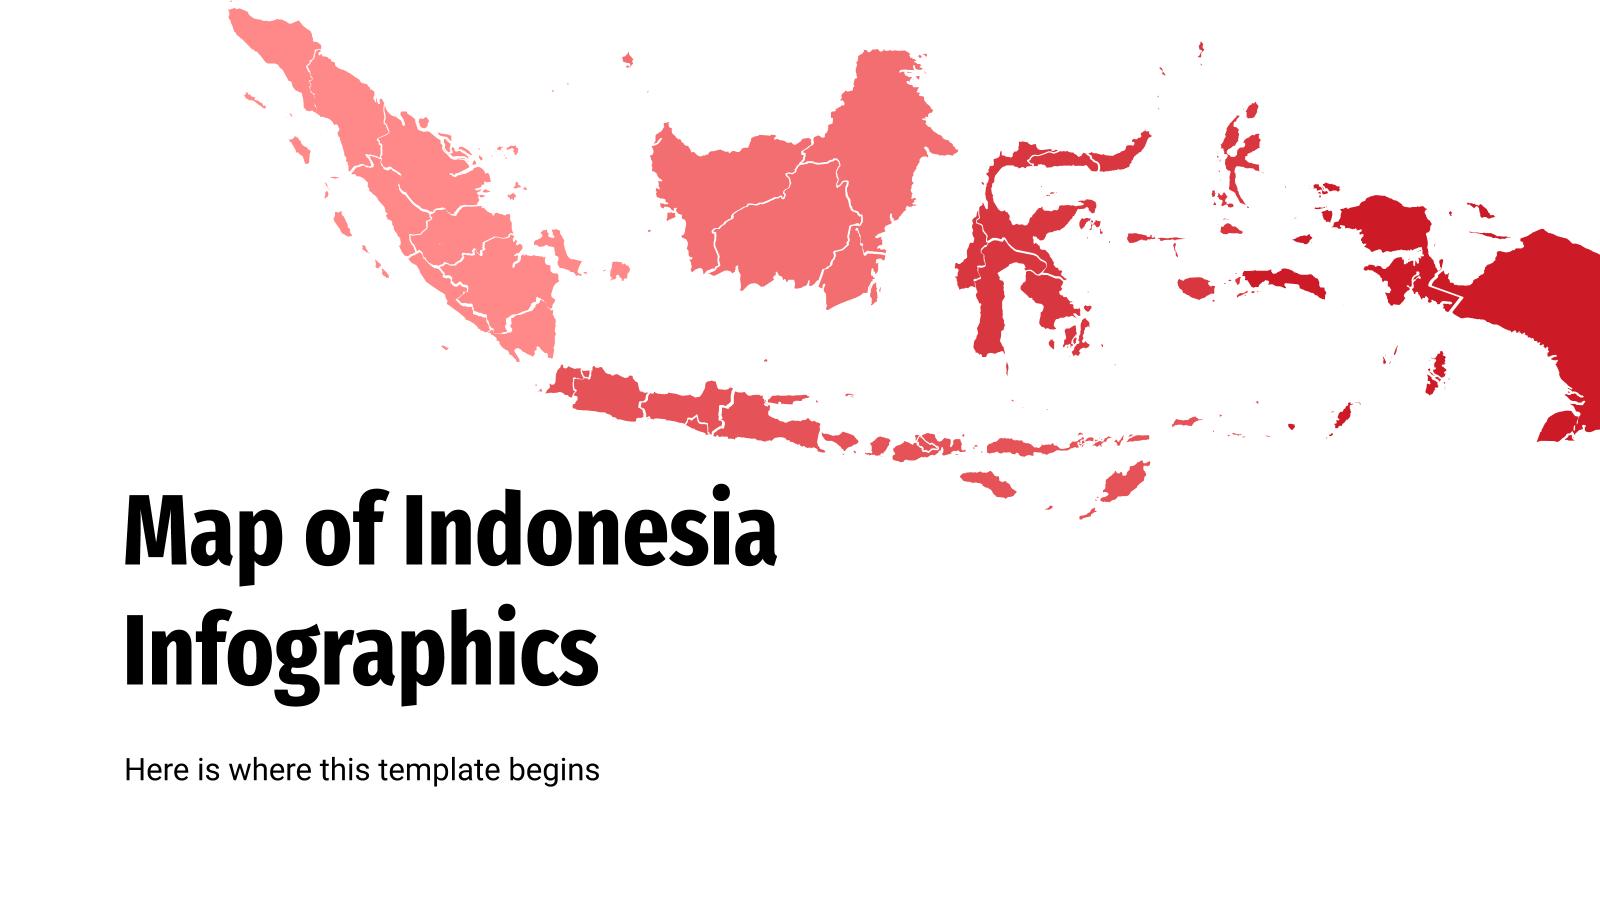 Infographies de carte de l'Indonésie : Modèles de présentation